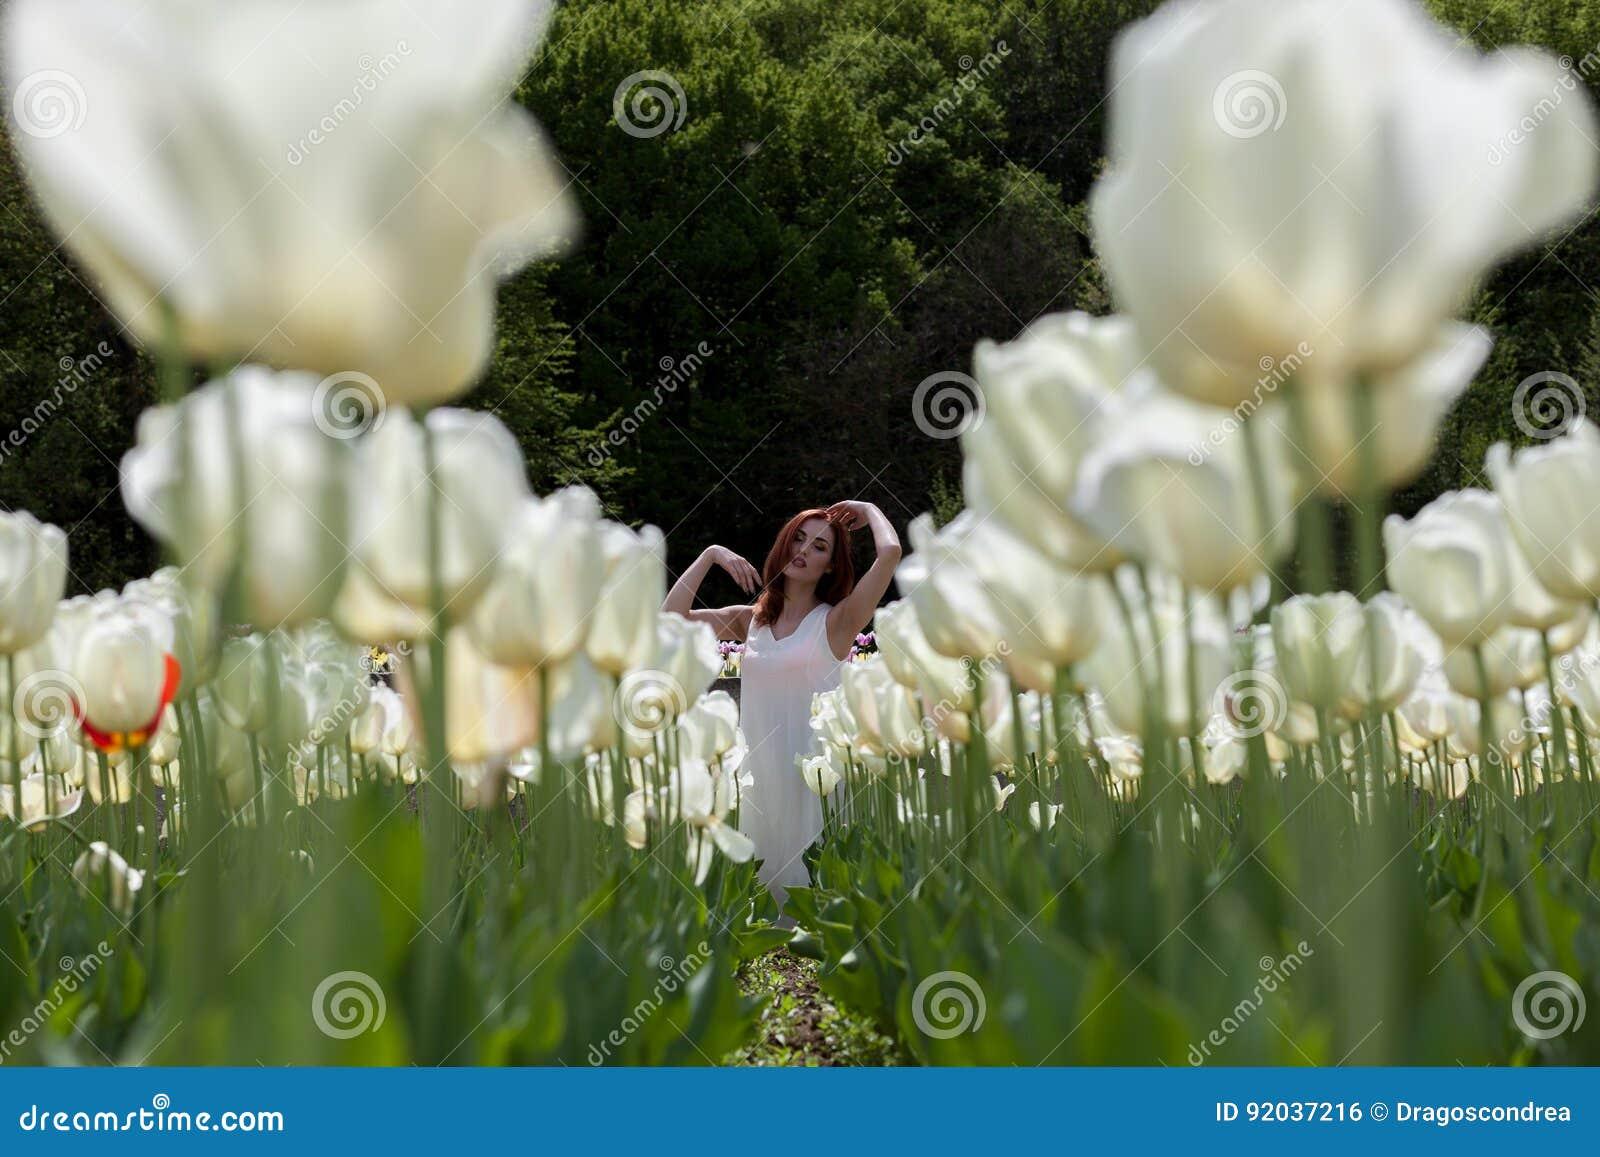 Mulher Lindo Romântica No Campo De Flor Foto De Stock